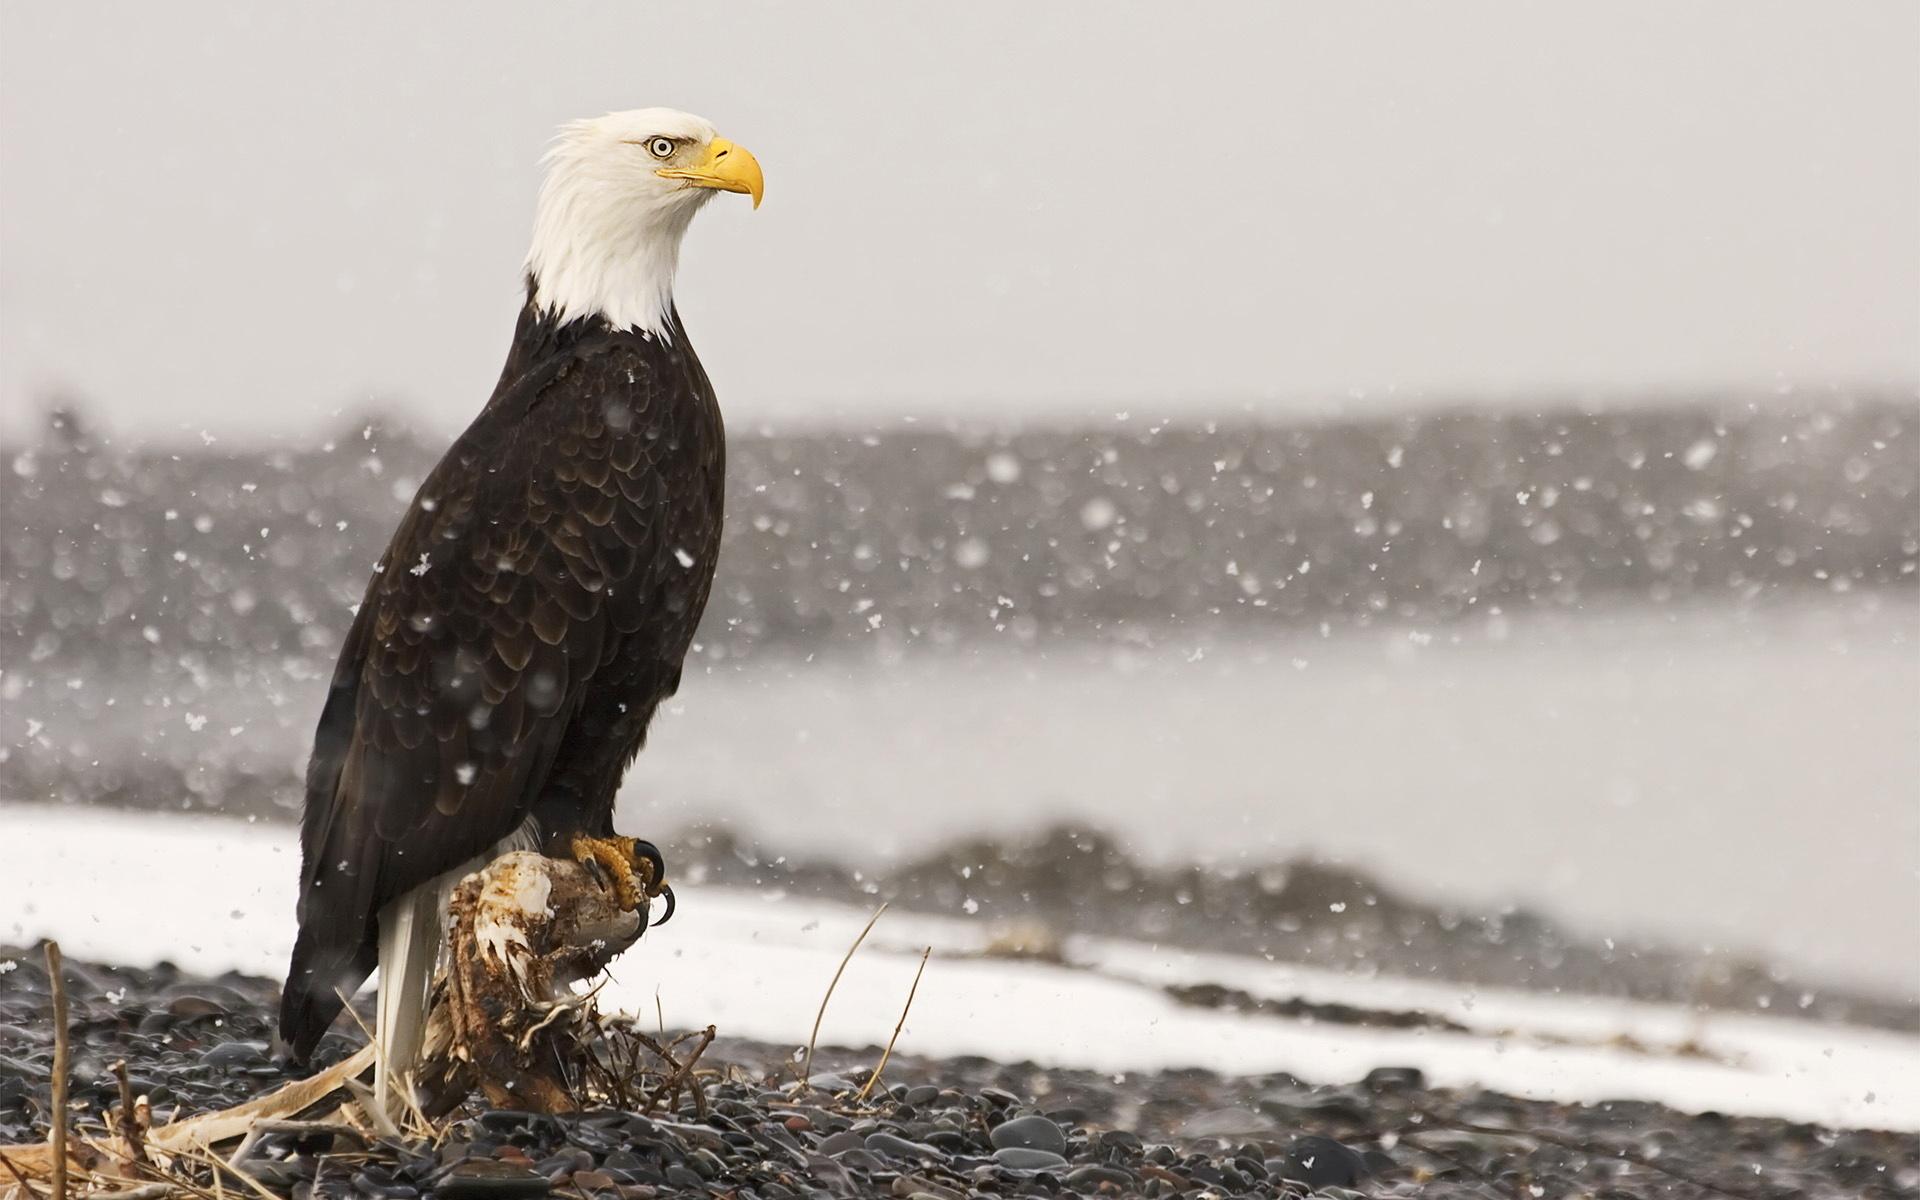 трансмиссия, ходовая картинка орел сидит работающие